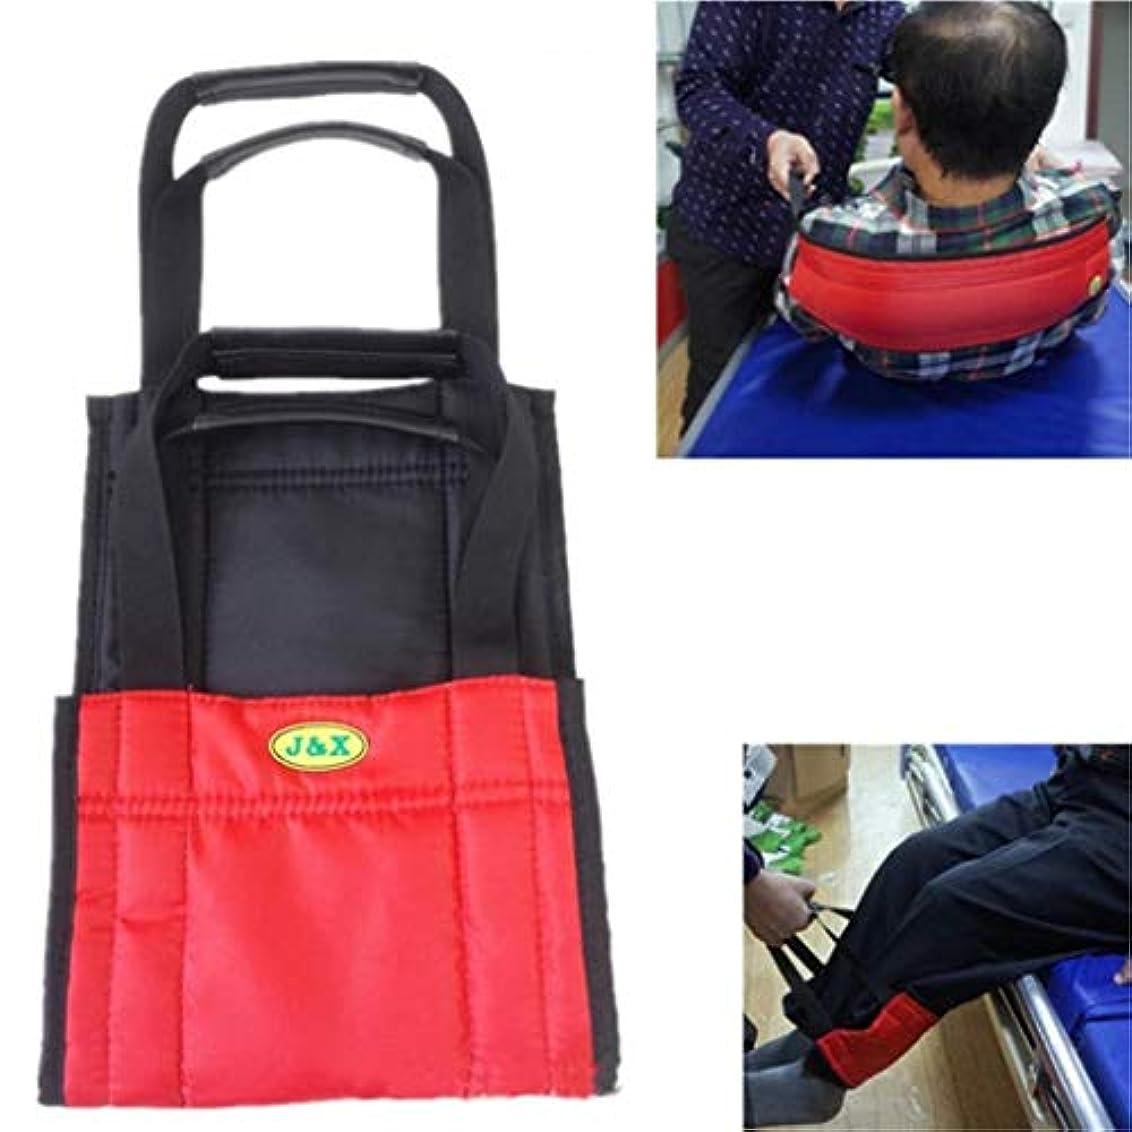 不倫キラウエア山征服者トランスファーボードベルト車椅子スライド式メディカルリフティングスリングターナー患者の安全安全移動補助器具看護用歩行ベルト高齢者用身体障害者